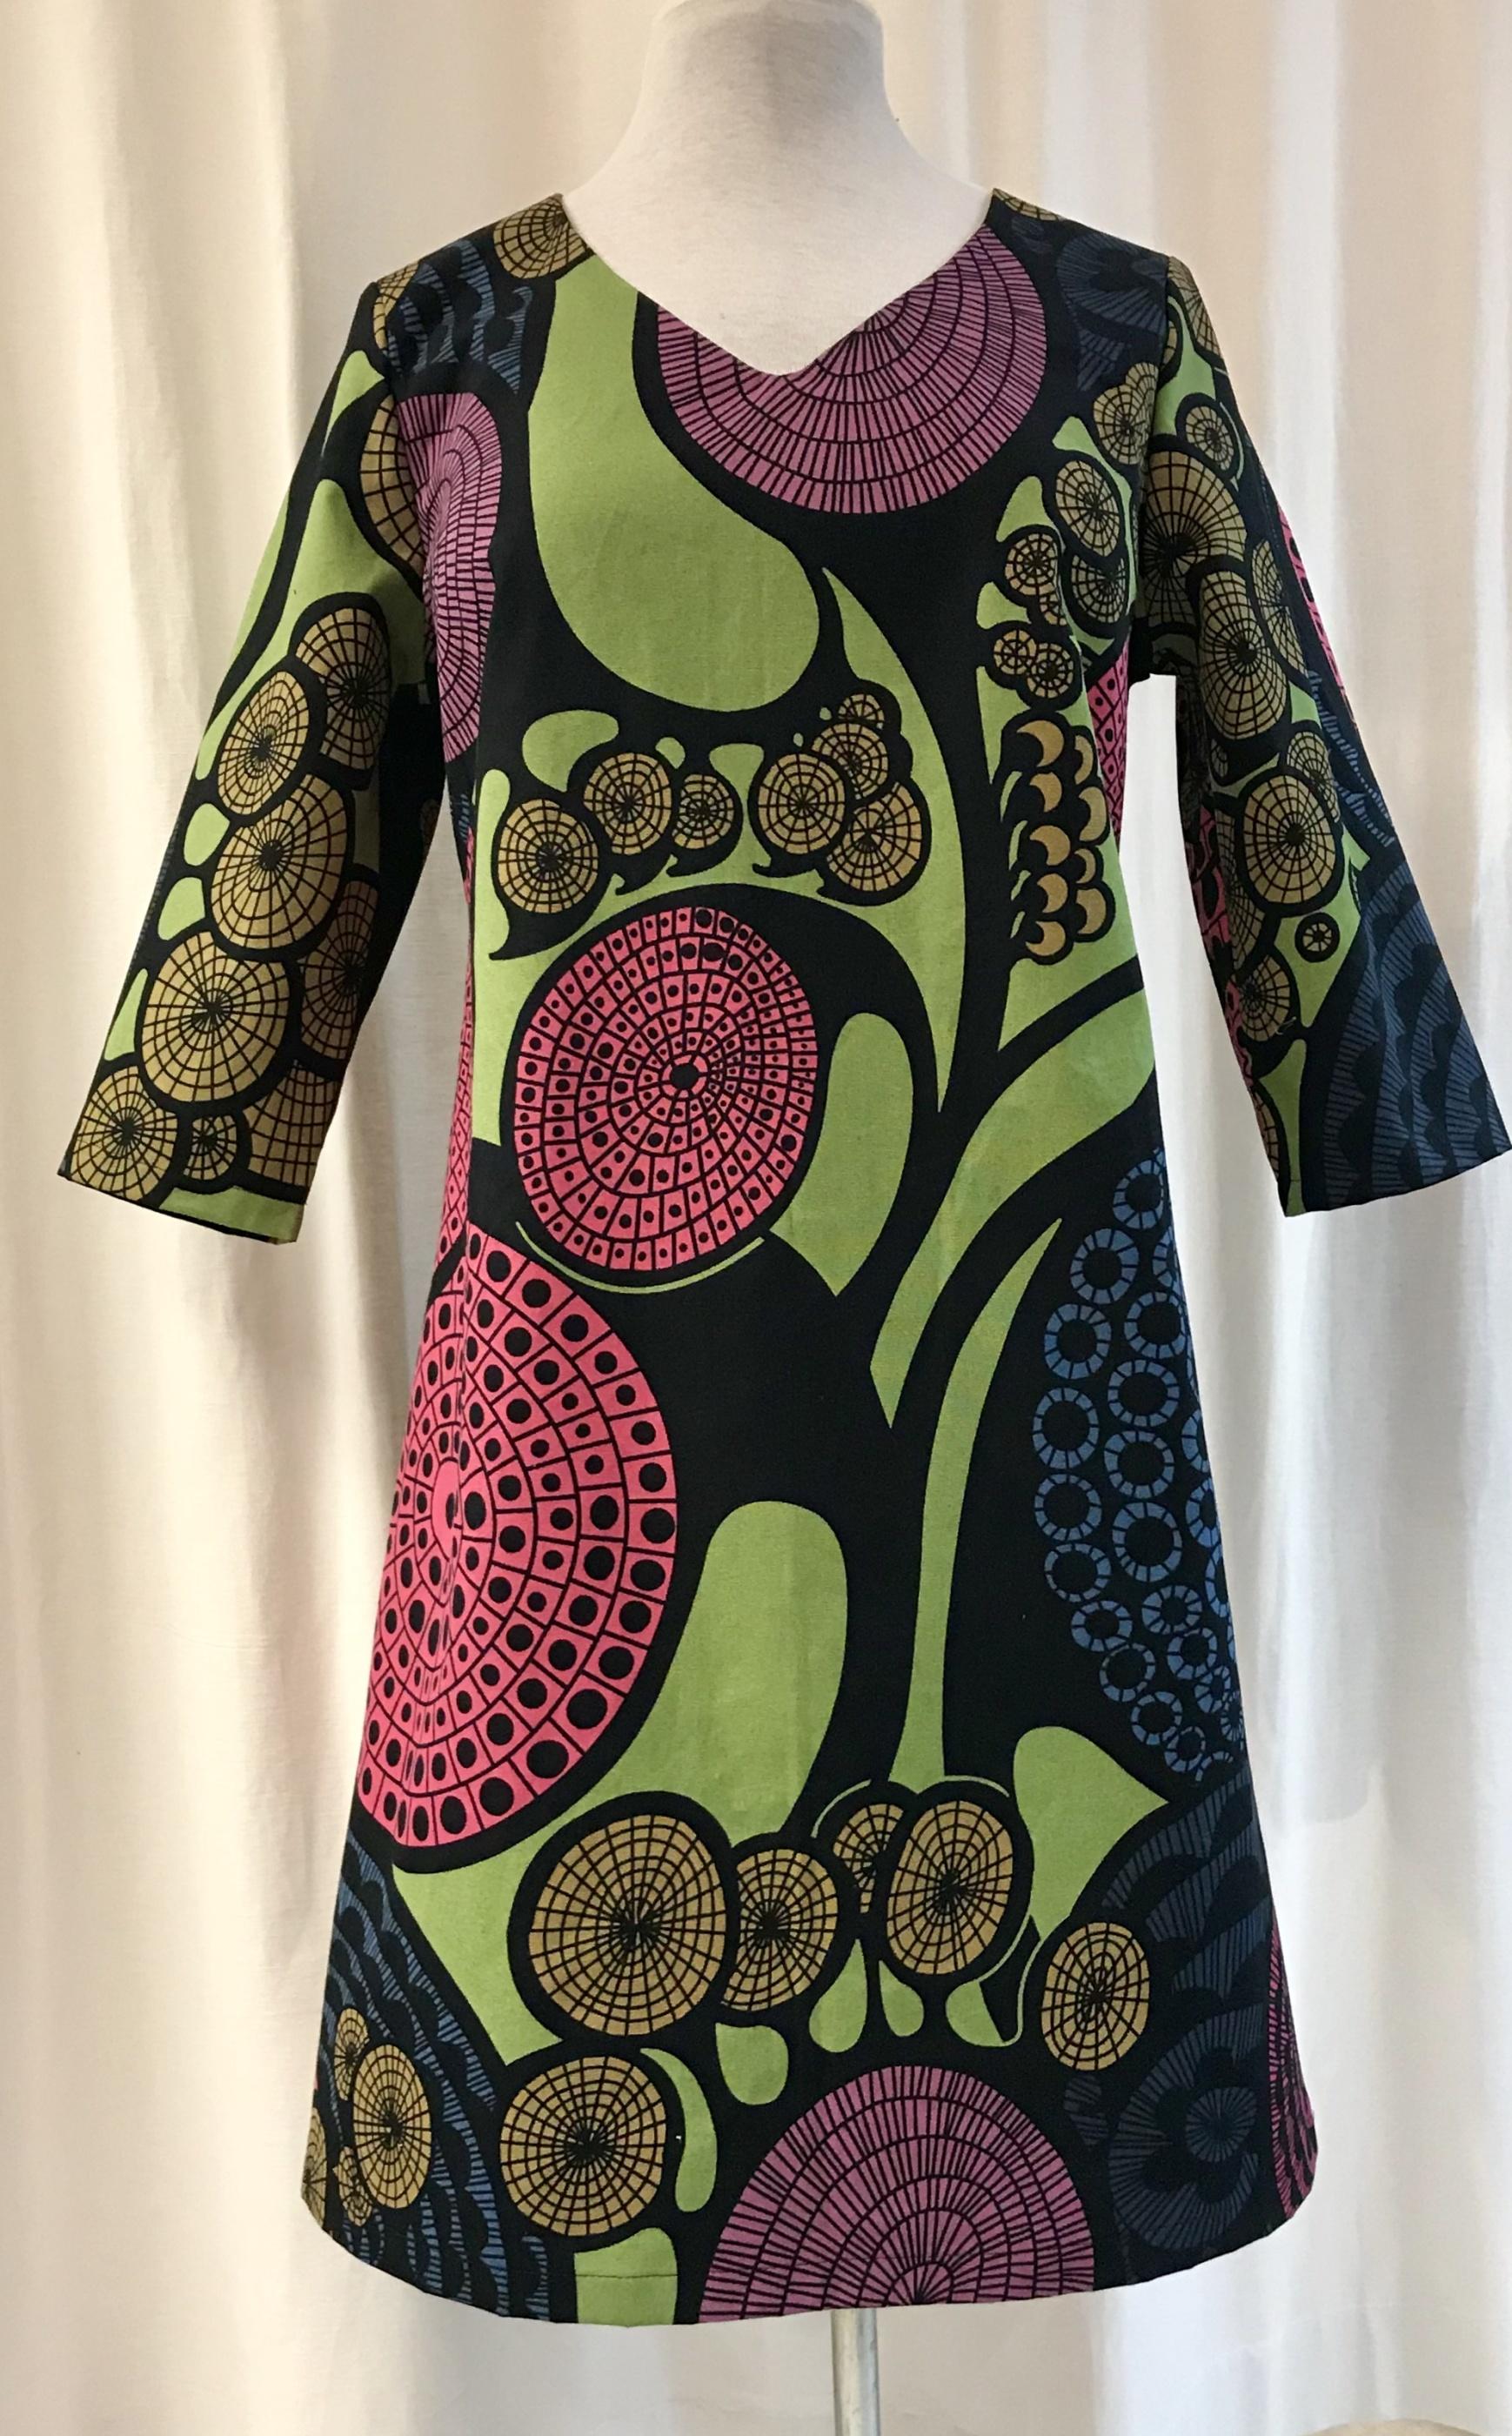 Klänning solbritt SaraLaholm retro grön unik design färgglad